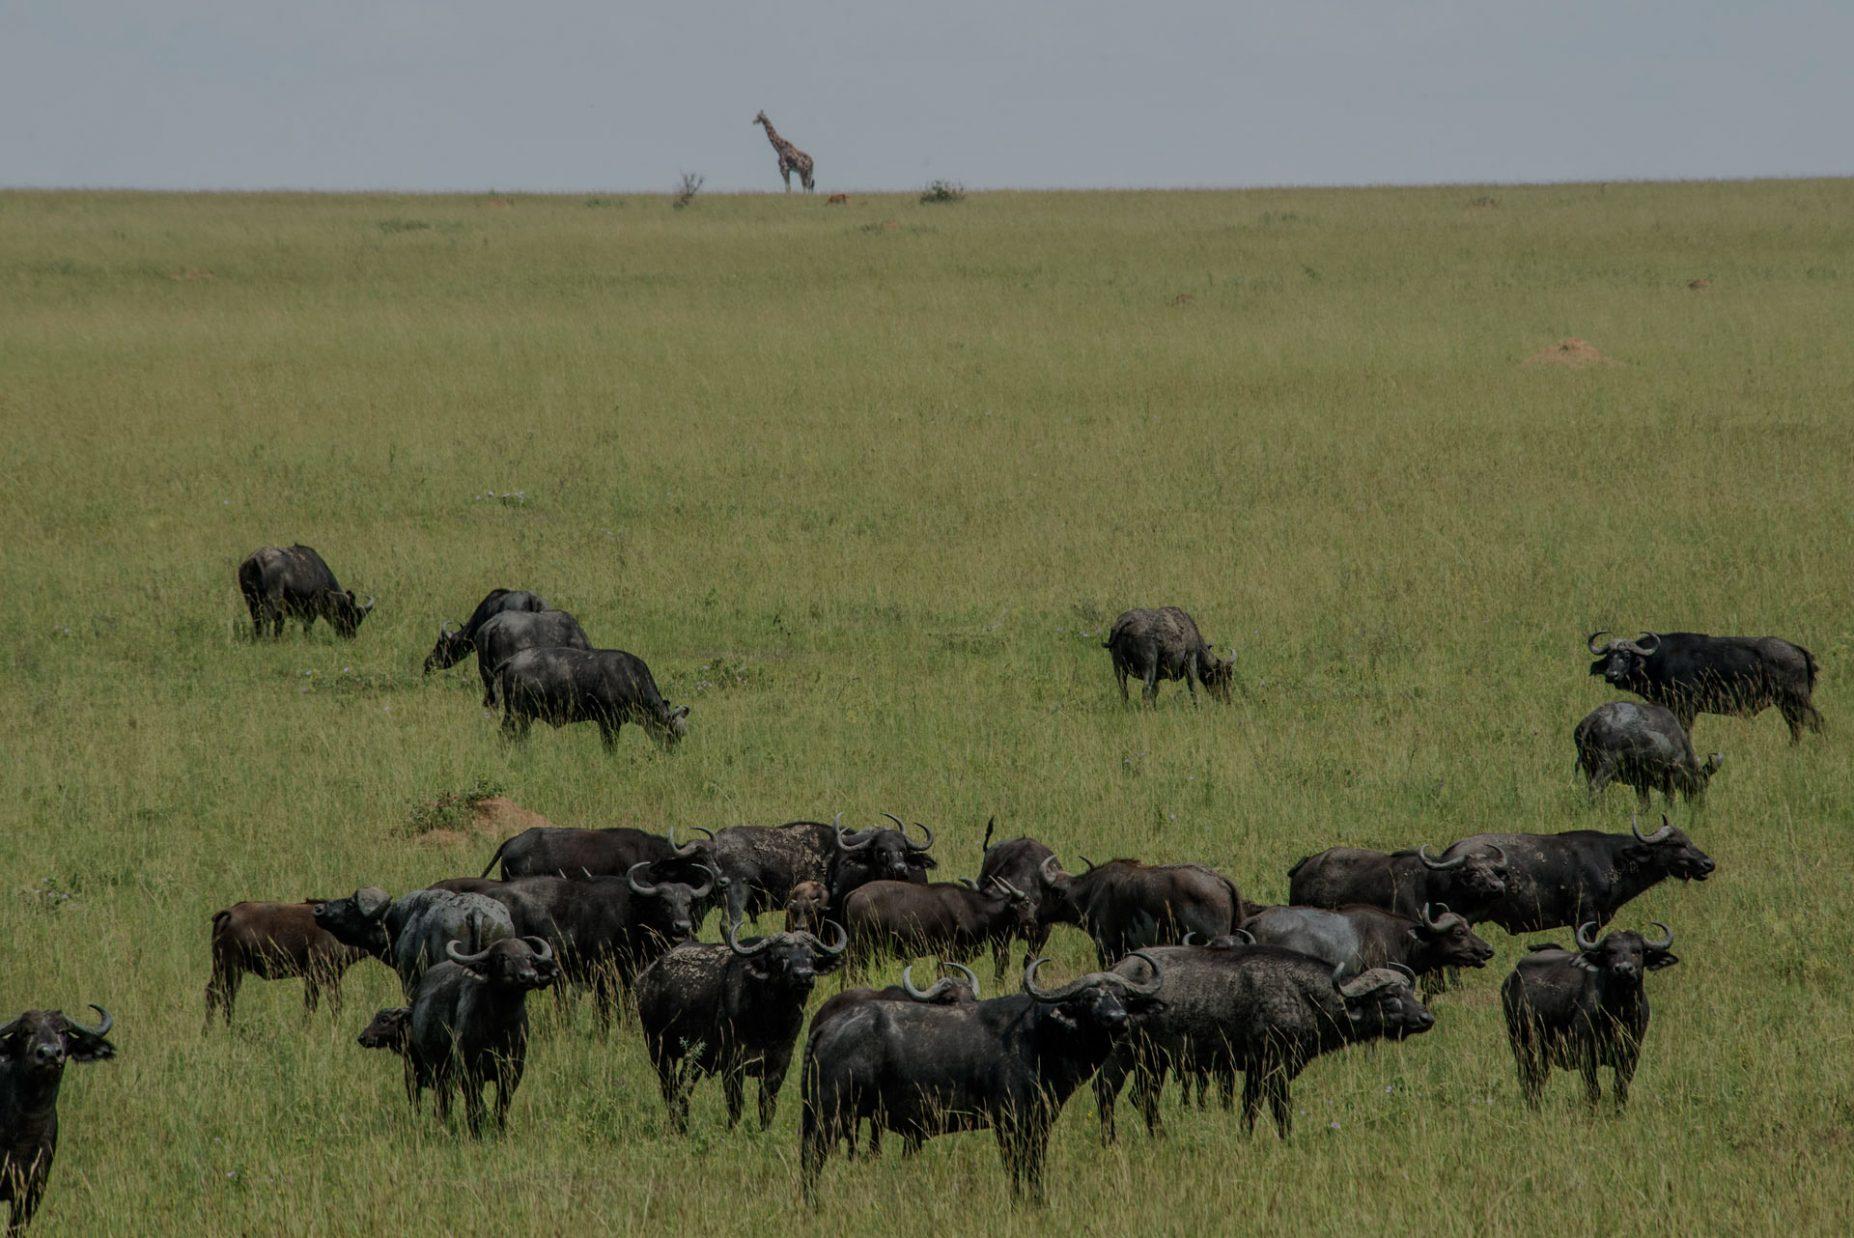 Uganda-Wildlife-Safaris-2